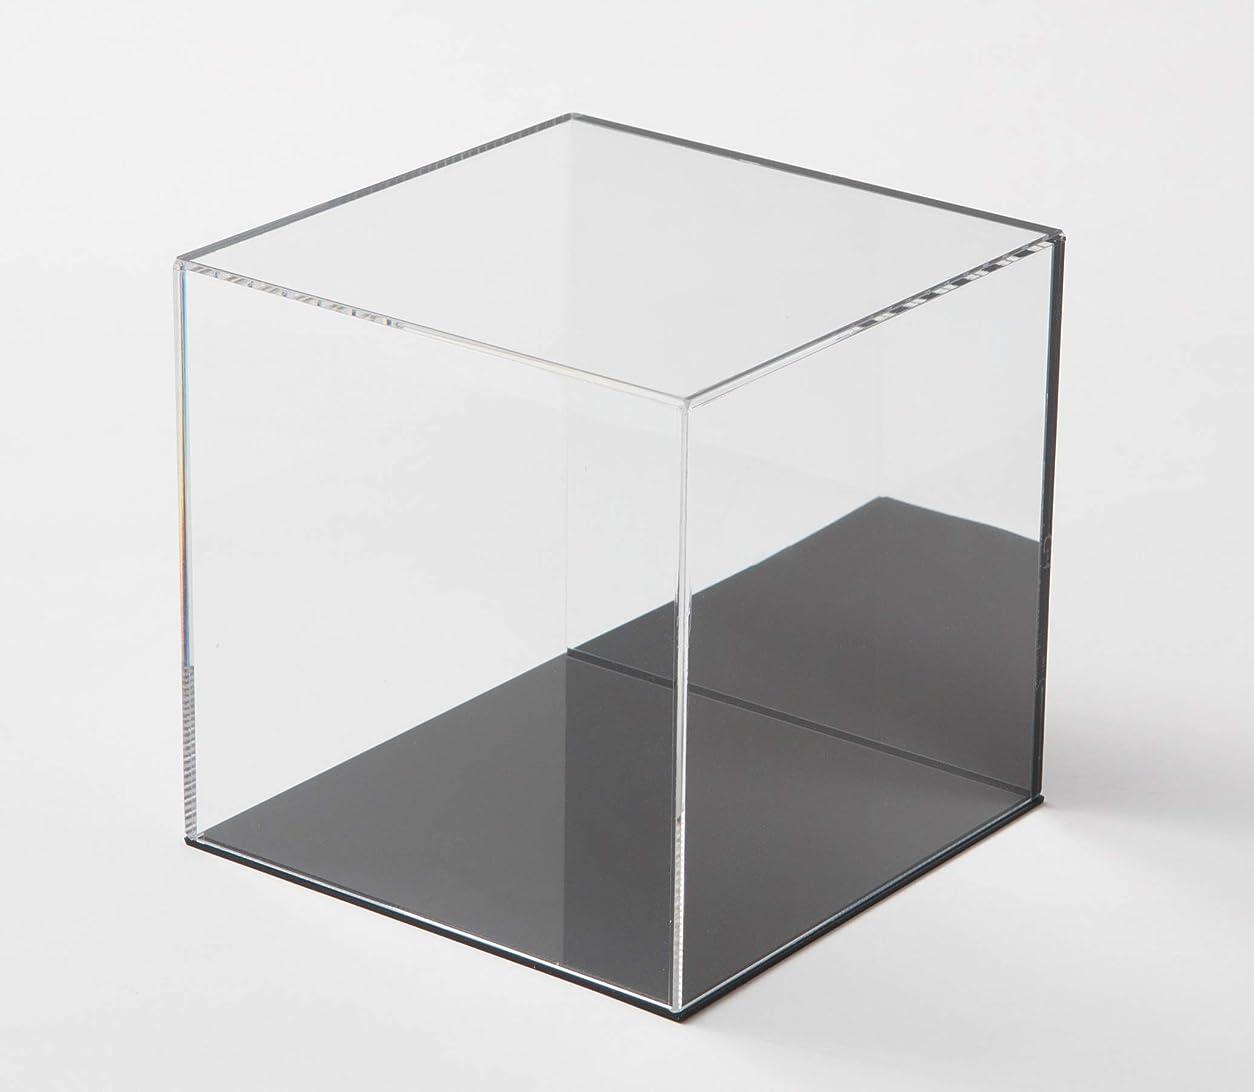 いらいらするベーコンサスペンション鈴木プラスチックス アクリル展示ケース 背面ミラー 台座黒タイプ (W300xD300xH300)